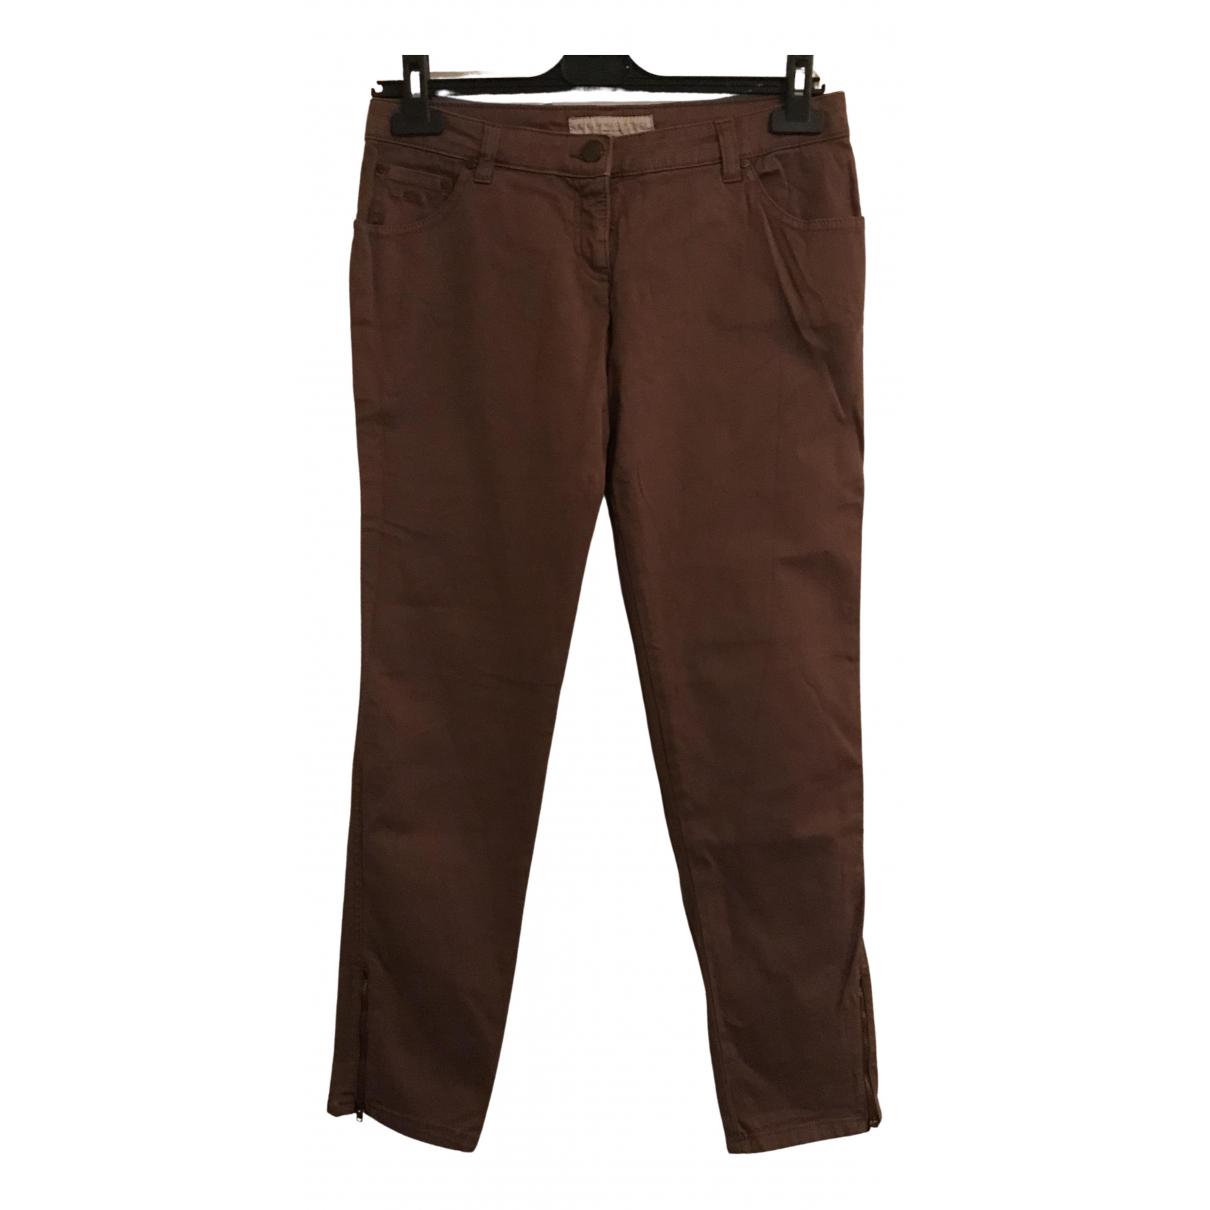 Stella Mccartney \N Denim - Jeans Trousers for Women 42 IT